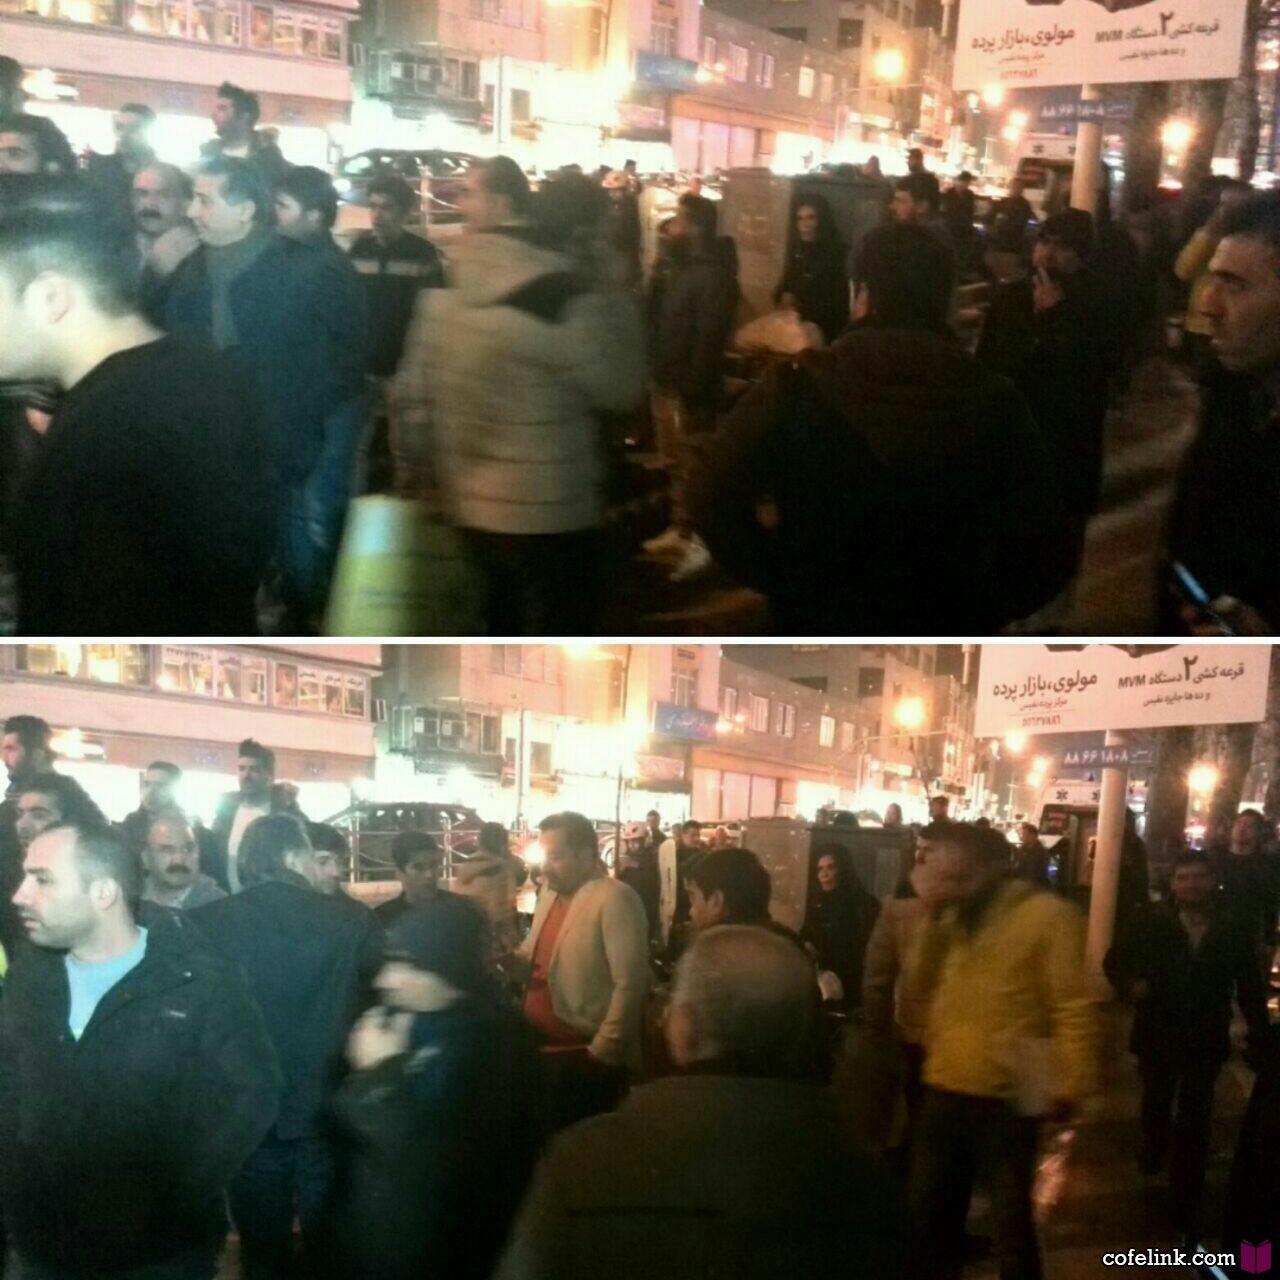 تجمع مردم جلوی بیمارستان شهدای تجریش بعد از درگذشت آیت الله هاشمی